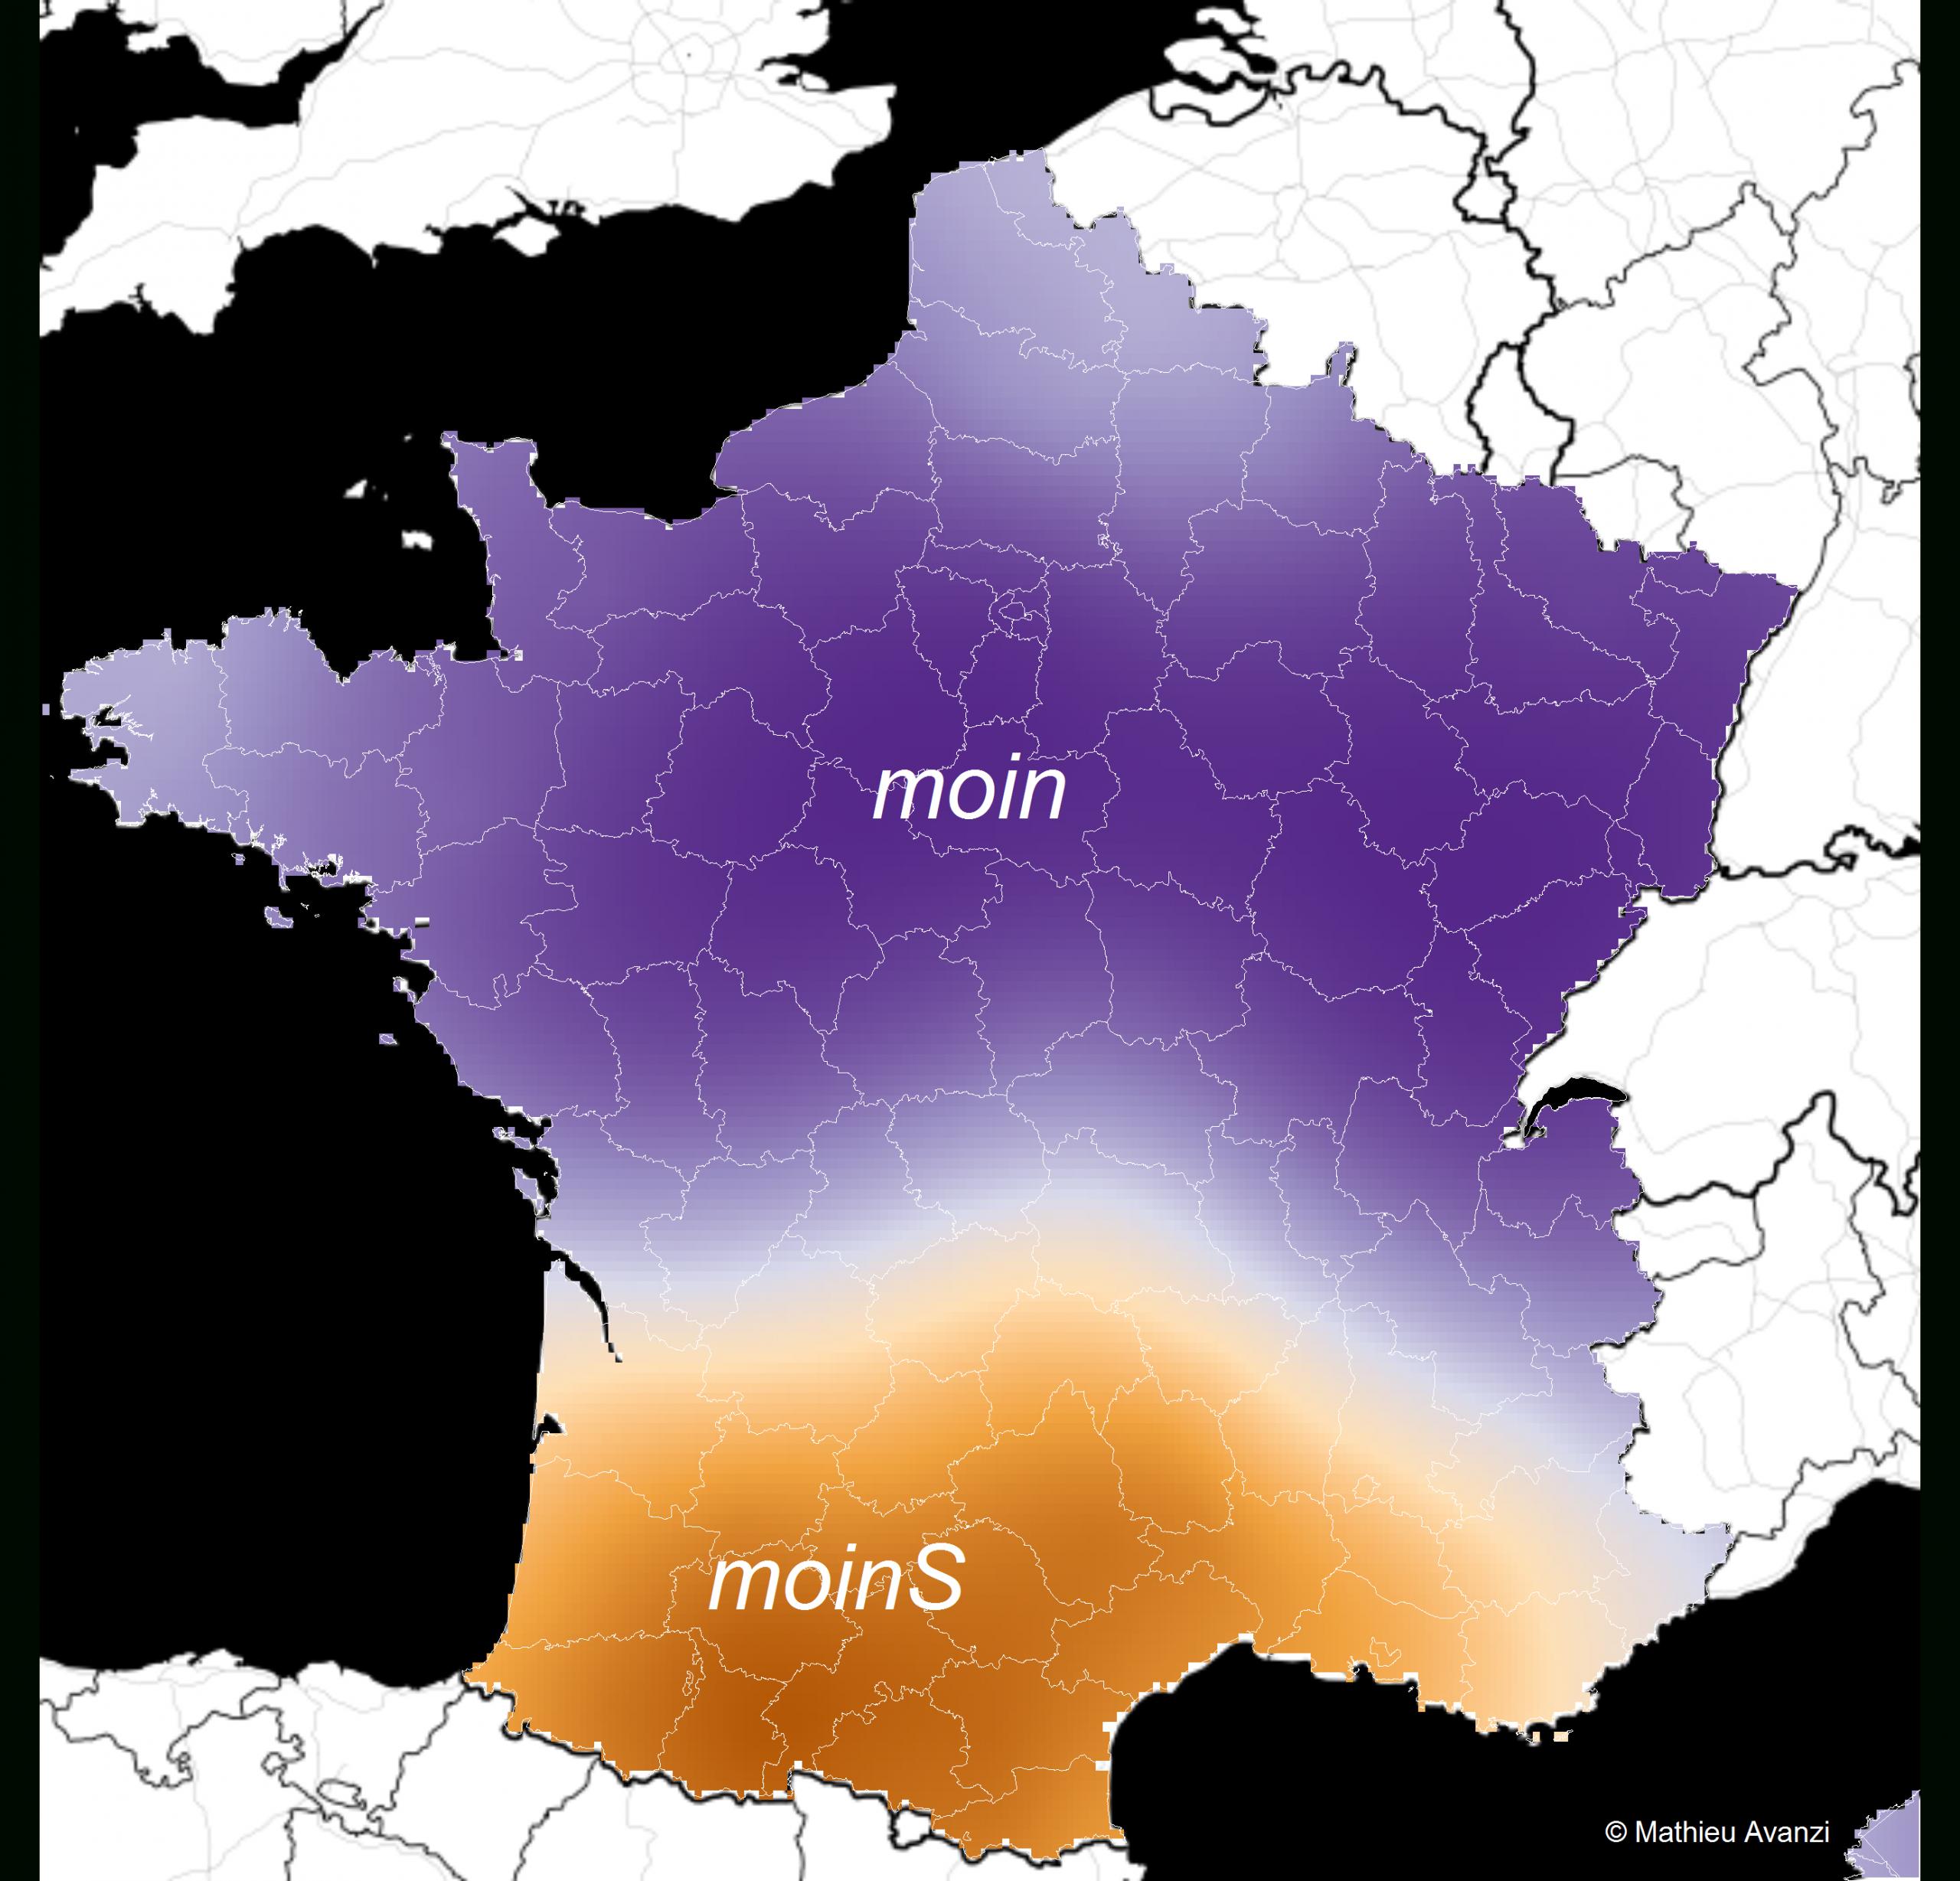 Ces Mots Qui Ne Se Prononcent Pas De La Même Façon D'un Bout dedans Apprendre Les Régions De France